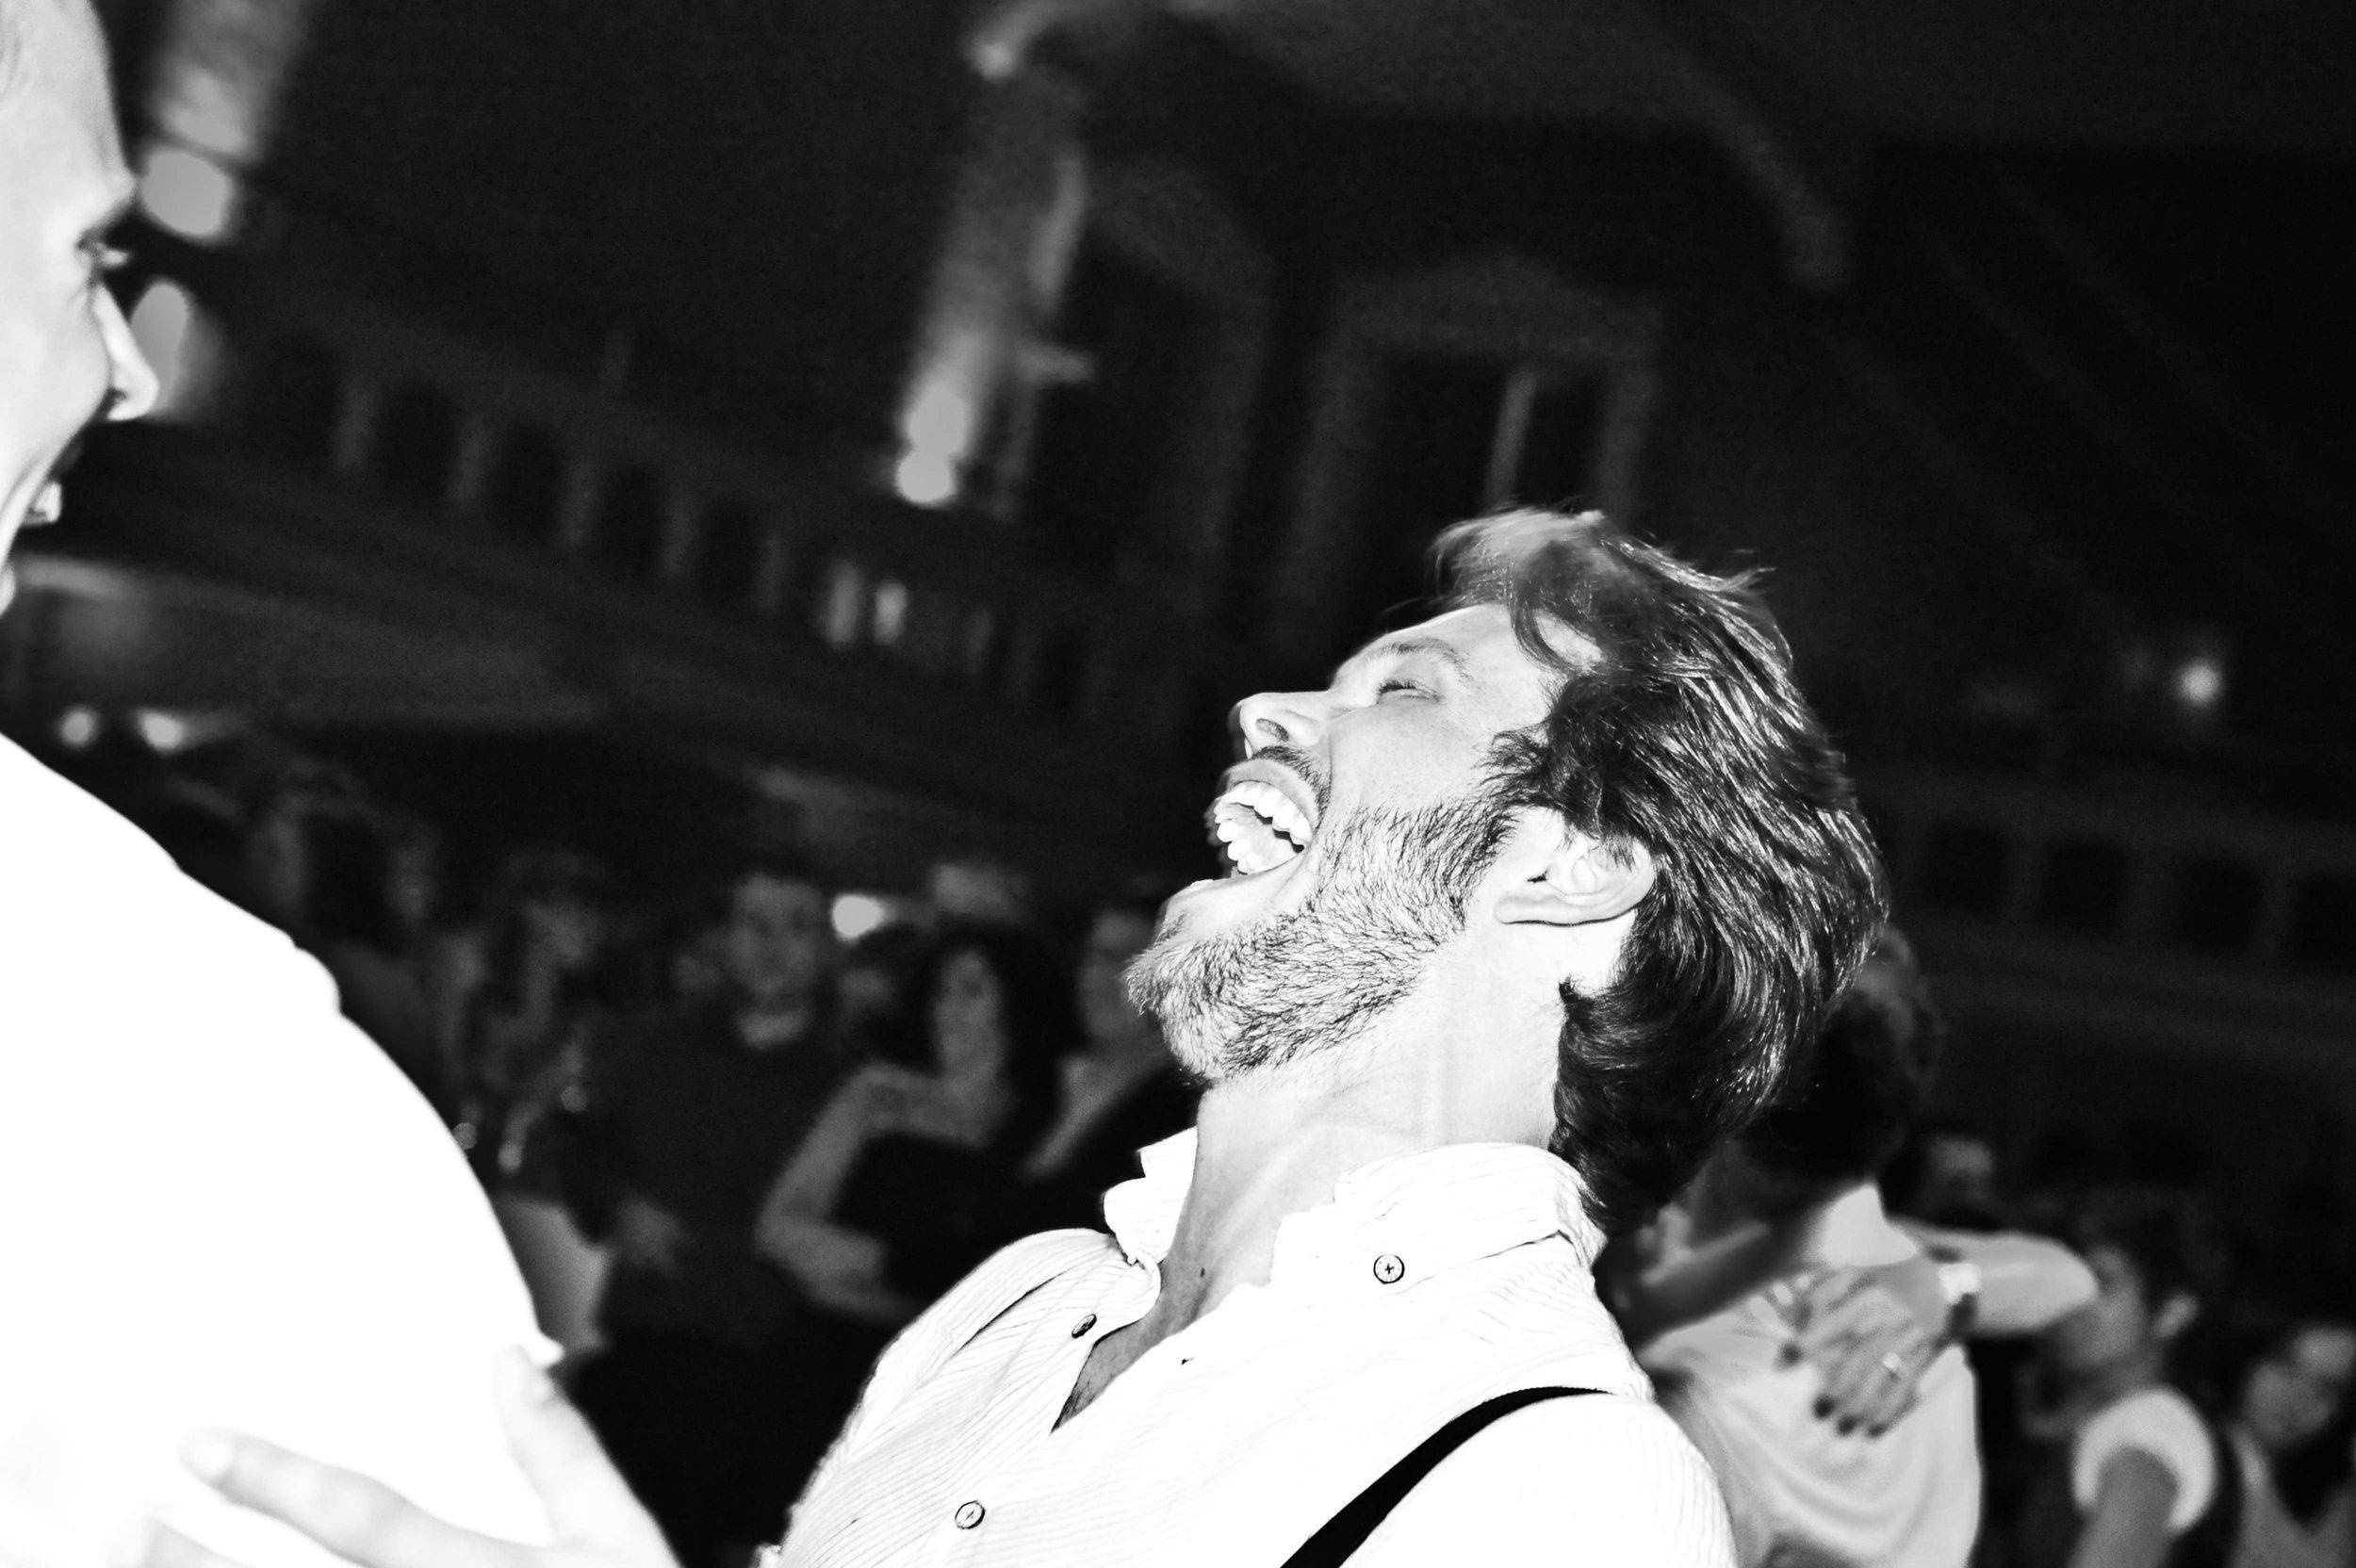 Bart Albrecht fotograaf photographer belgium belgie anbtwerpen antwerp wedding huwelijk huwelijksfotograaf trouwfotograaf trouw bruid bruidegom trouwkleed ceremonie weddingdress topphotographer topfotograaf beste best top 10 193.jpg